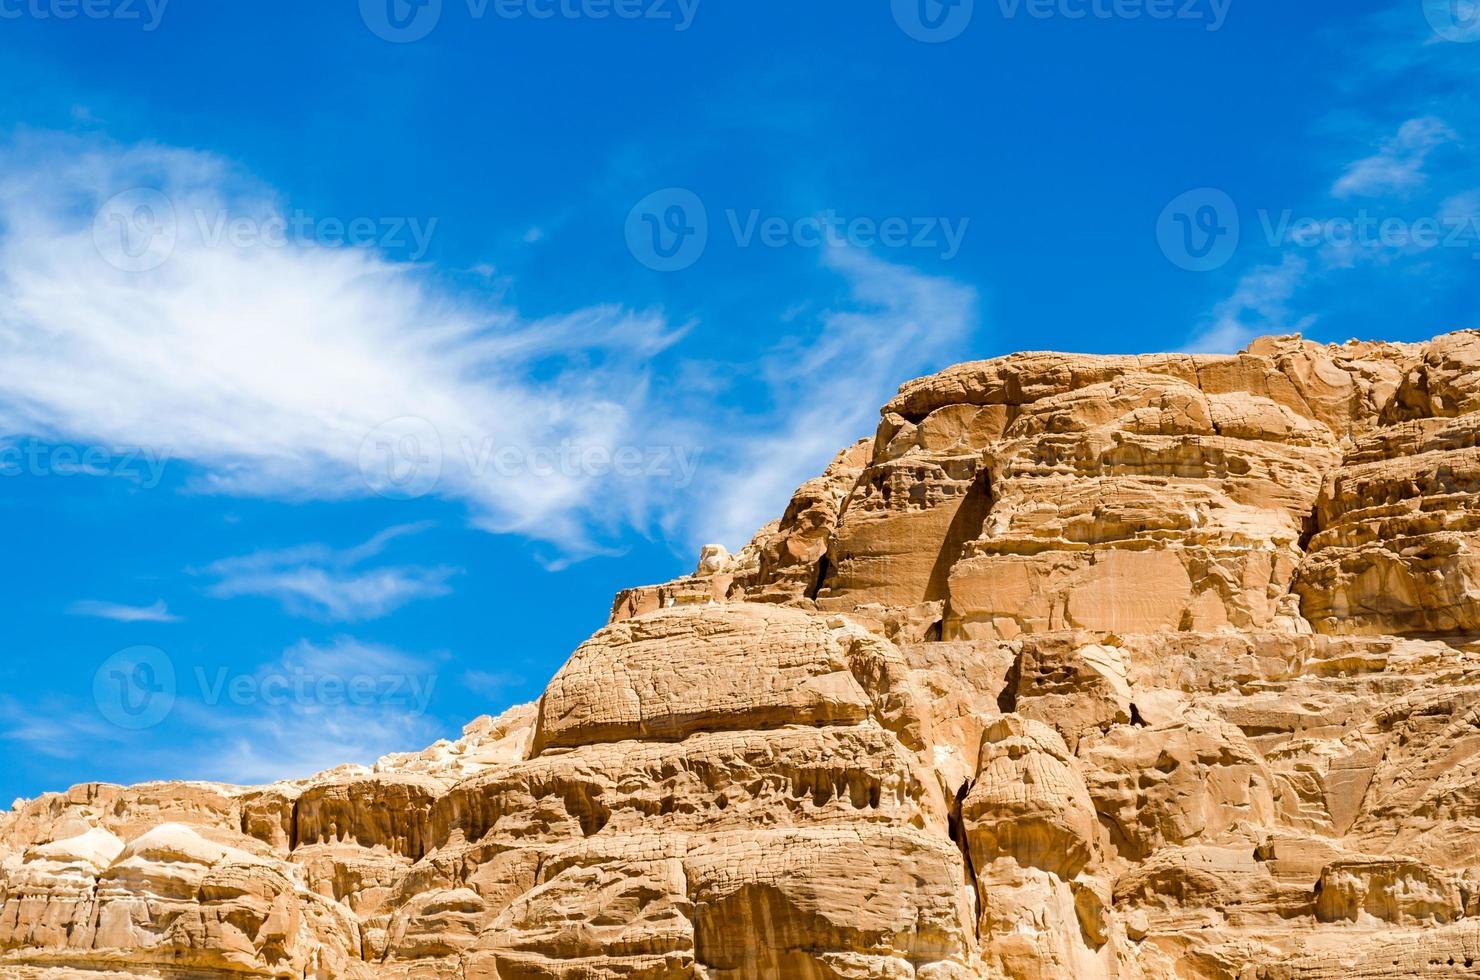 blauwe lucht boven lichtbruine rotsen foto